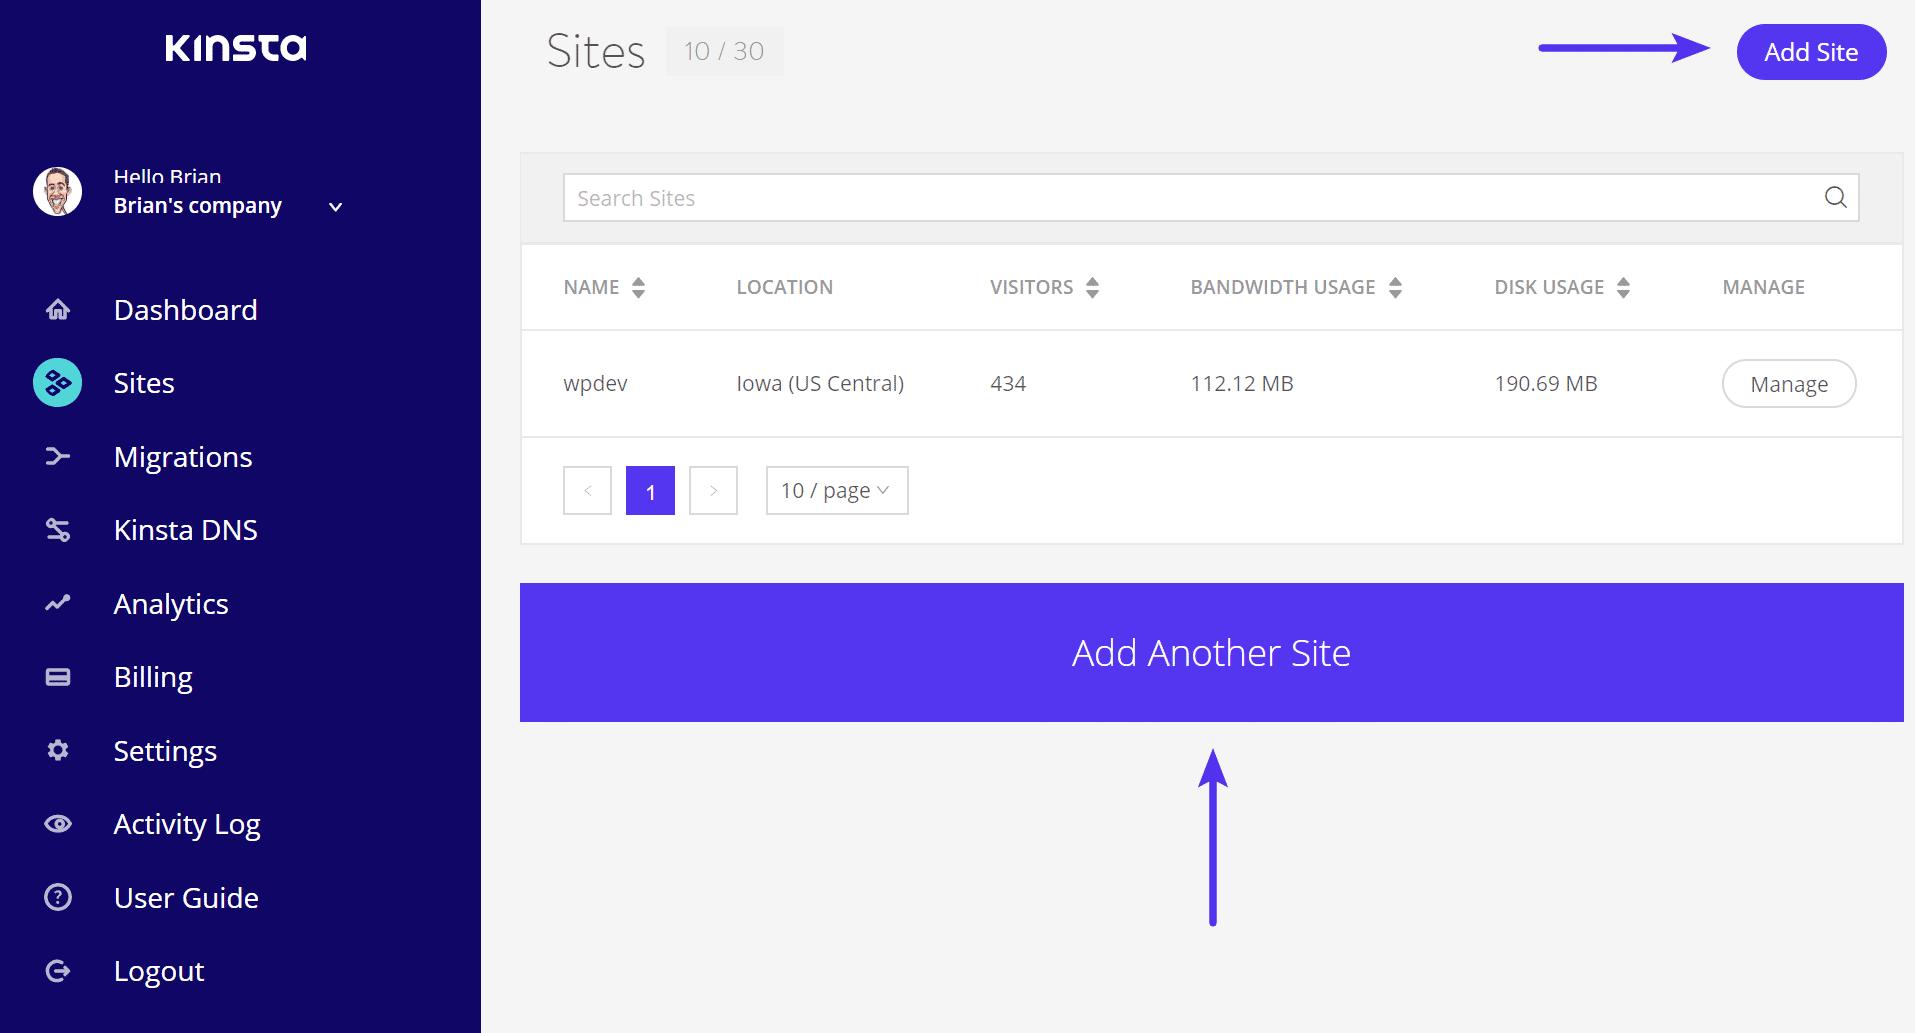 Add site